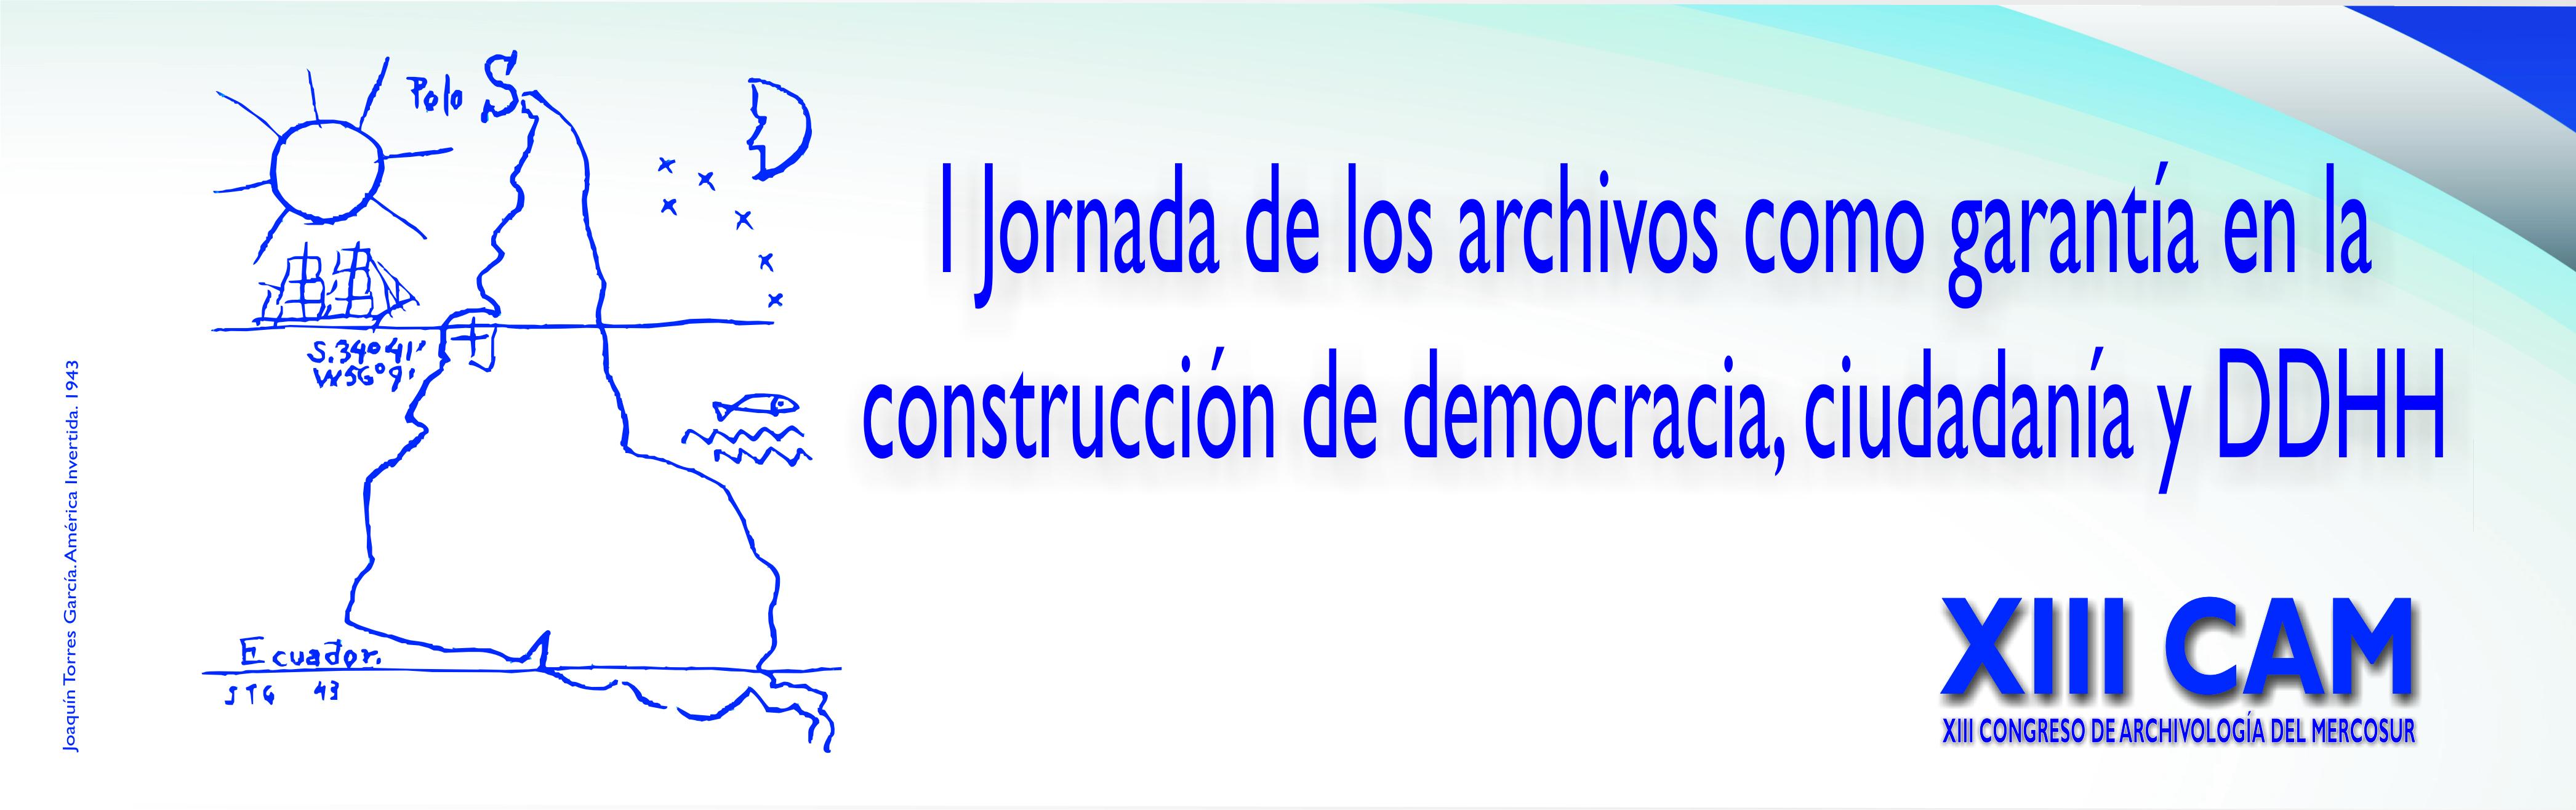 I Jornada de los archivos como garantía en la construcción de democracia, ciudadanía y DDHH